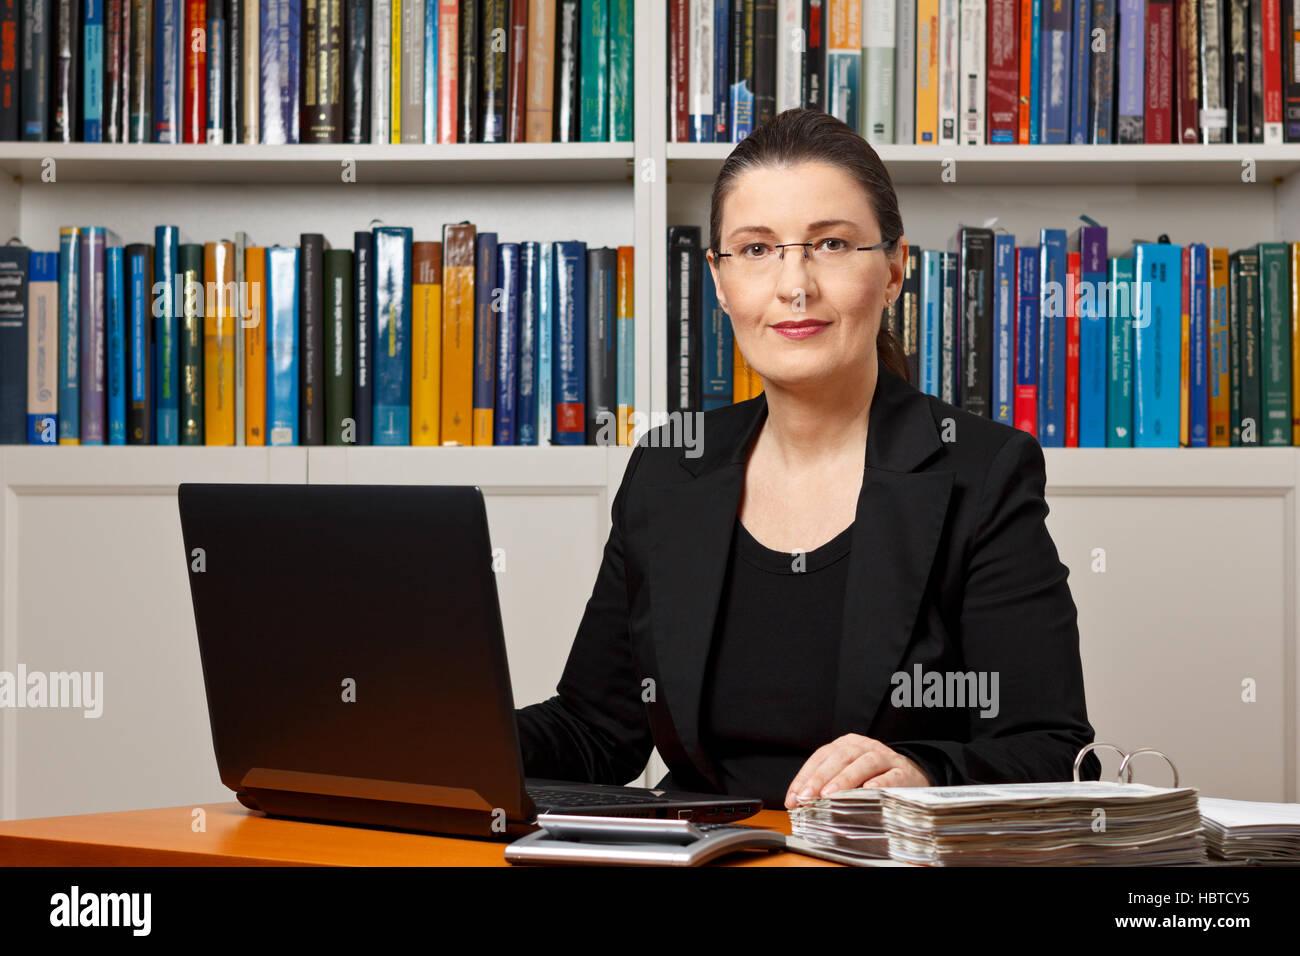 Reife Frau in einem Büro oder Bibliothek, Steuer oder Finanzbuchhalter, Berater, Berater oder Ratgeber Stockfoto